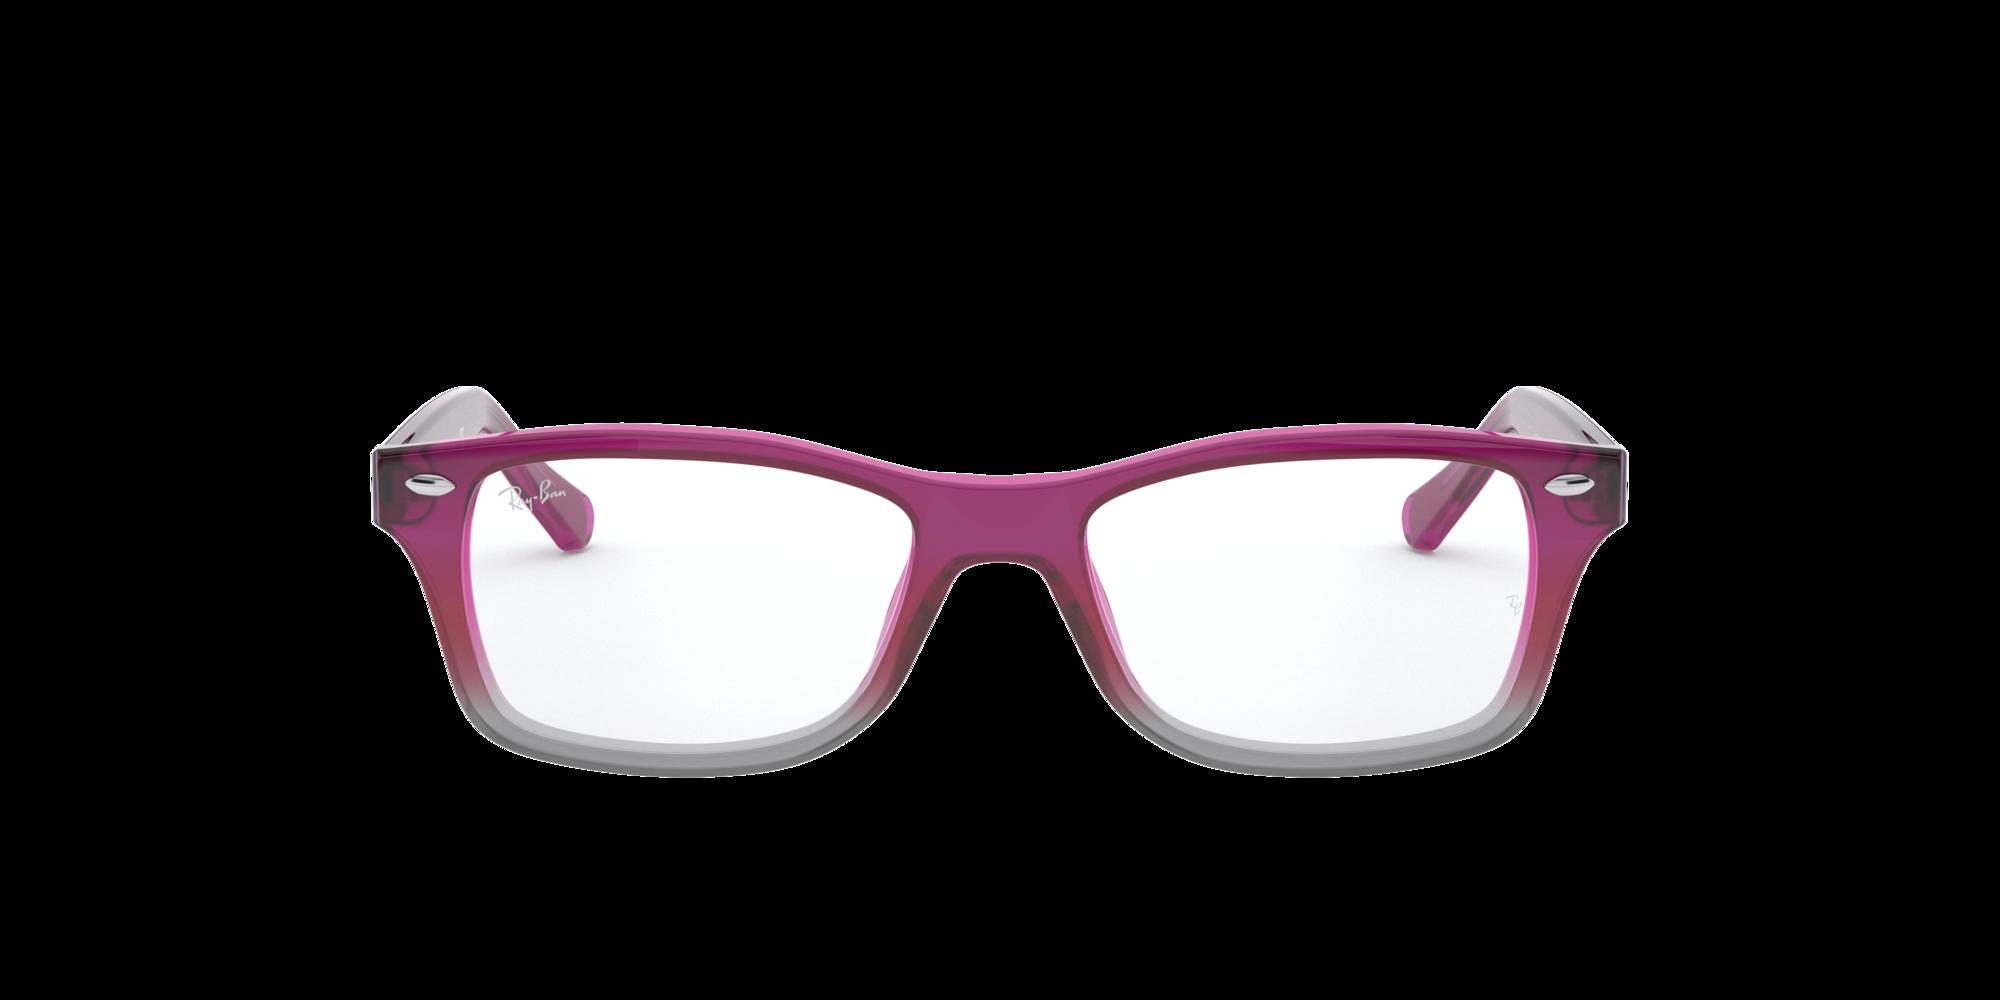 Imagen para RY1531 de LensCrafters |  Espejuelos, espejuelos graduados en línea, gafas